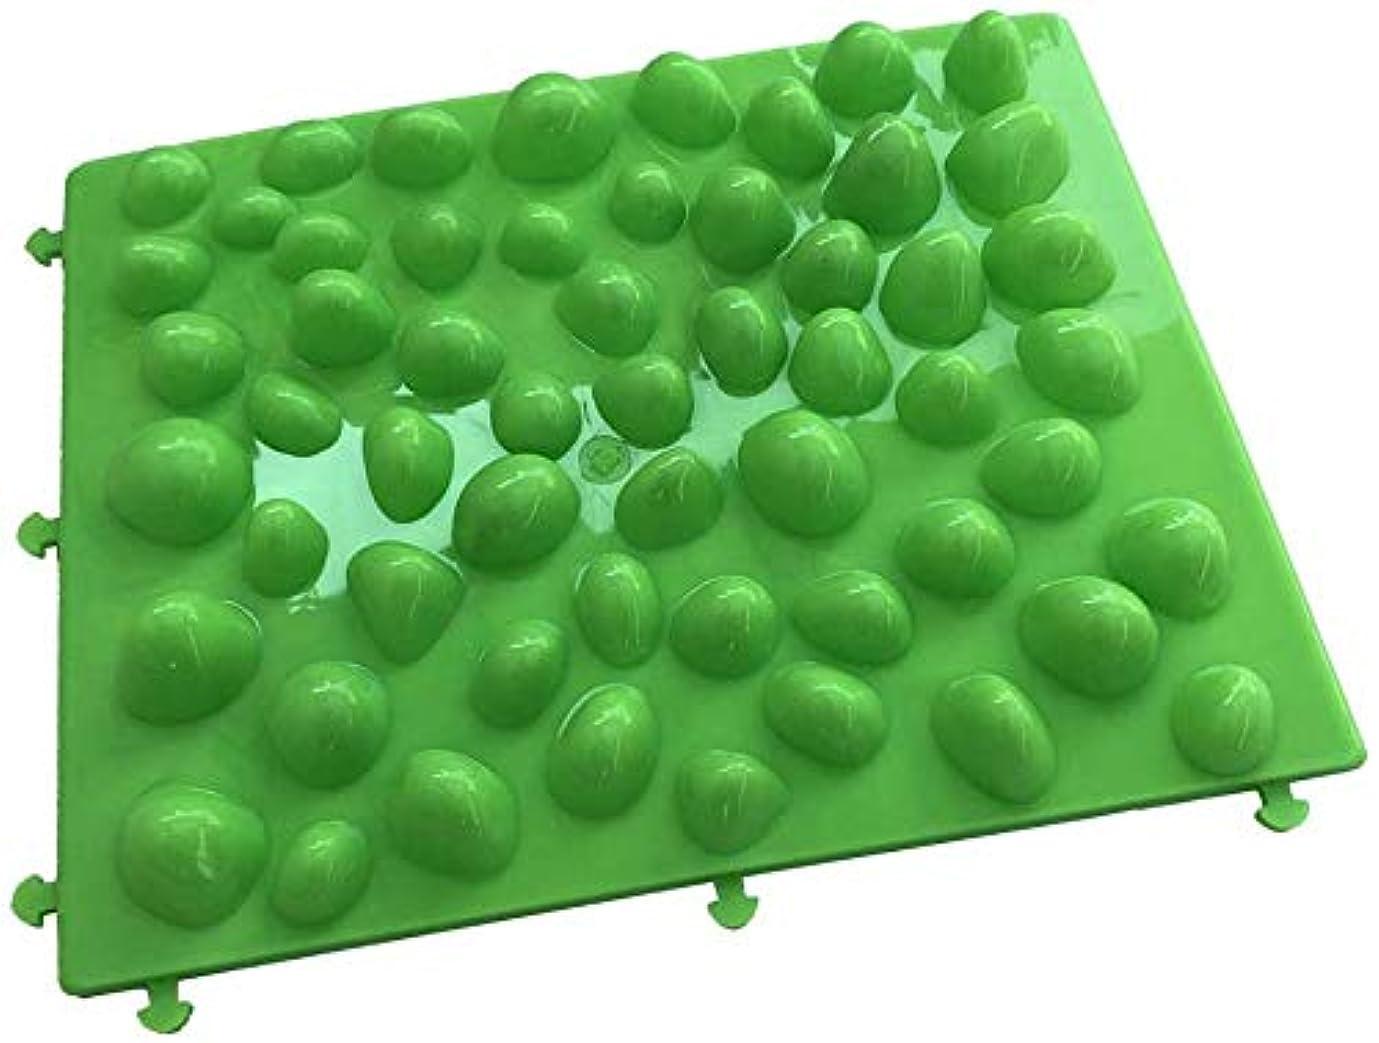 議会医療の清める足つぼマット 足裏マッサージ フットマッサージ 足/もも/背中などに対応 健康ボード(緑)